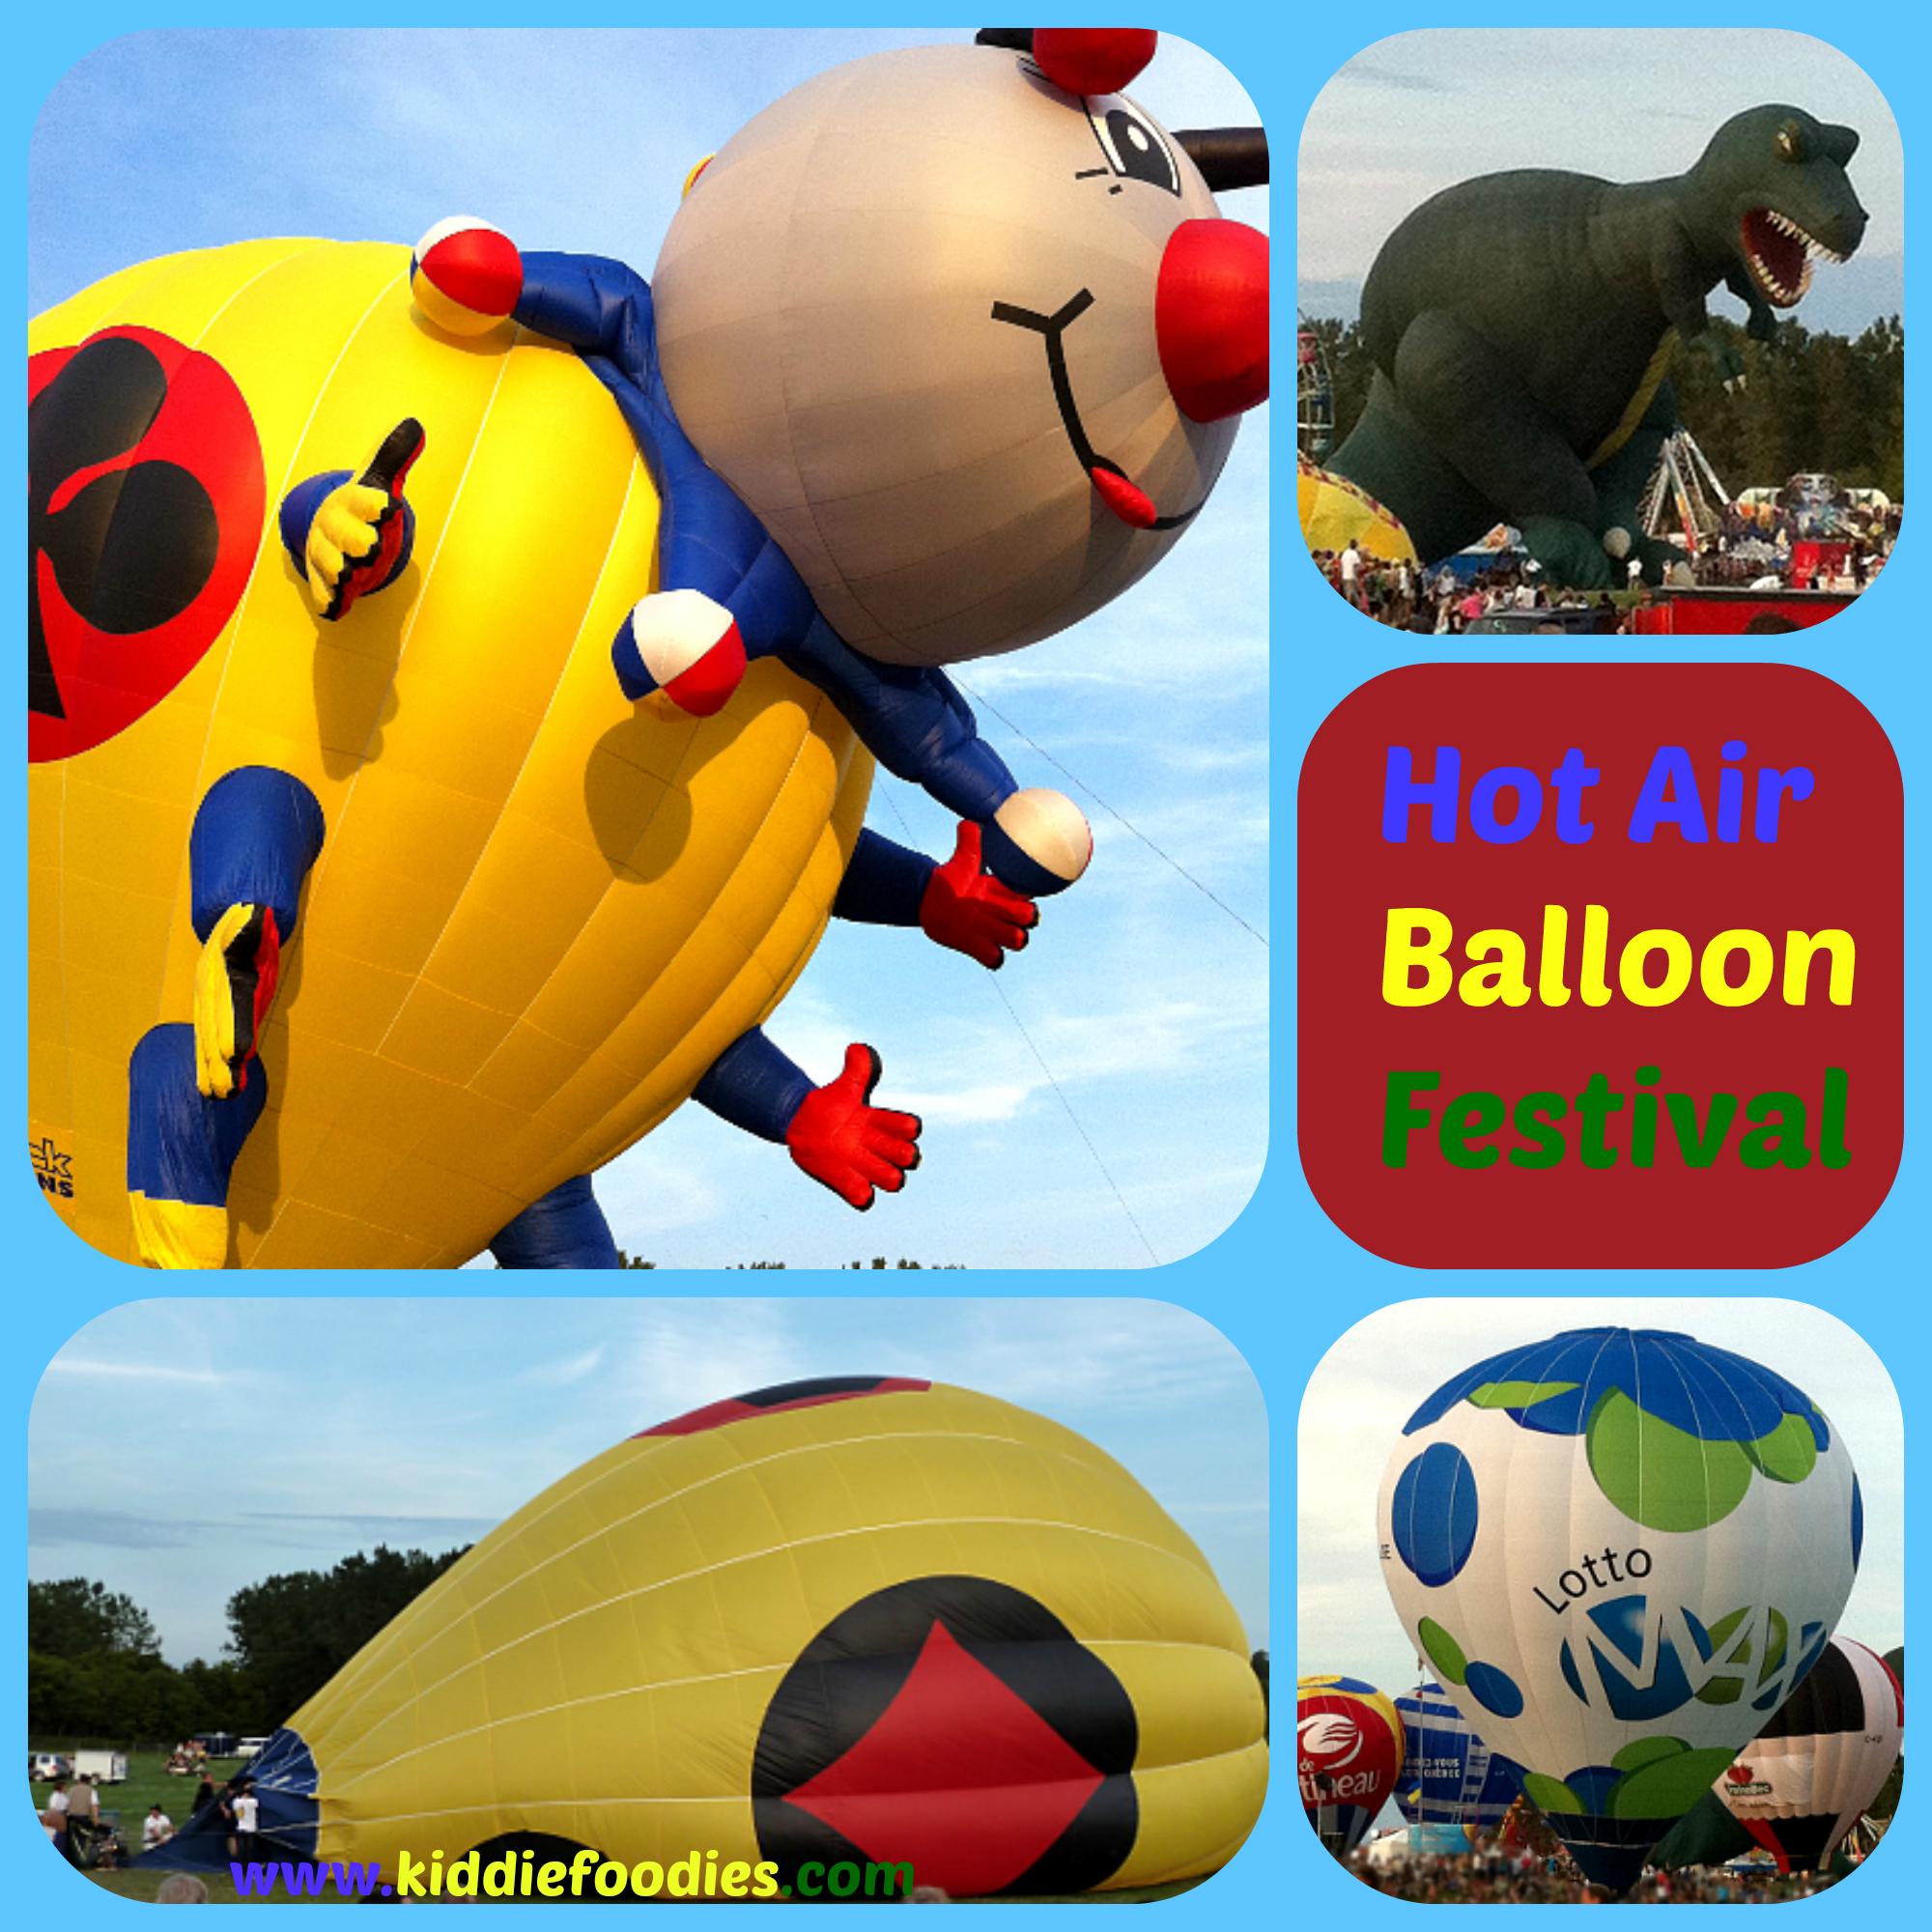 Hot air balloon festival Gatineau